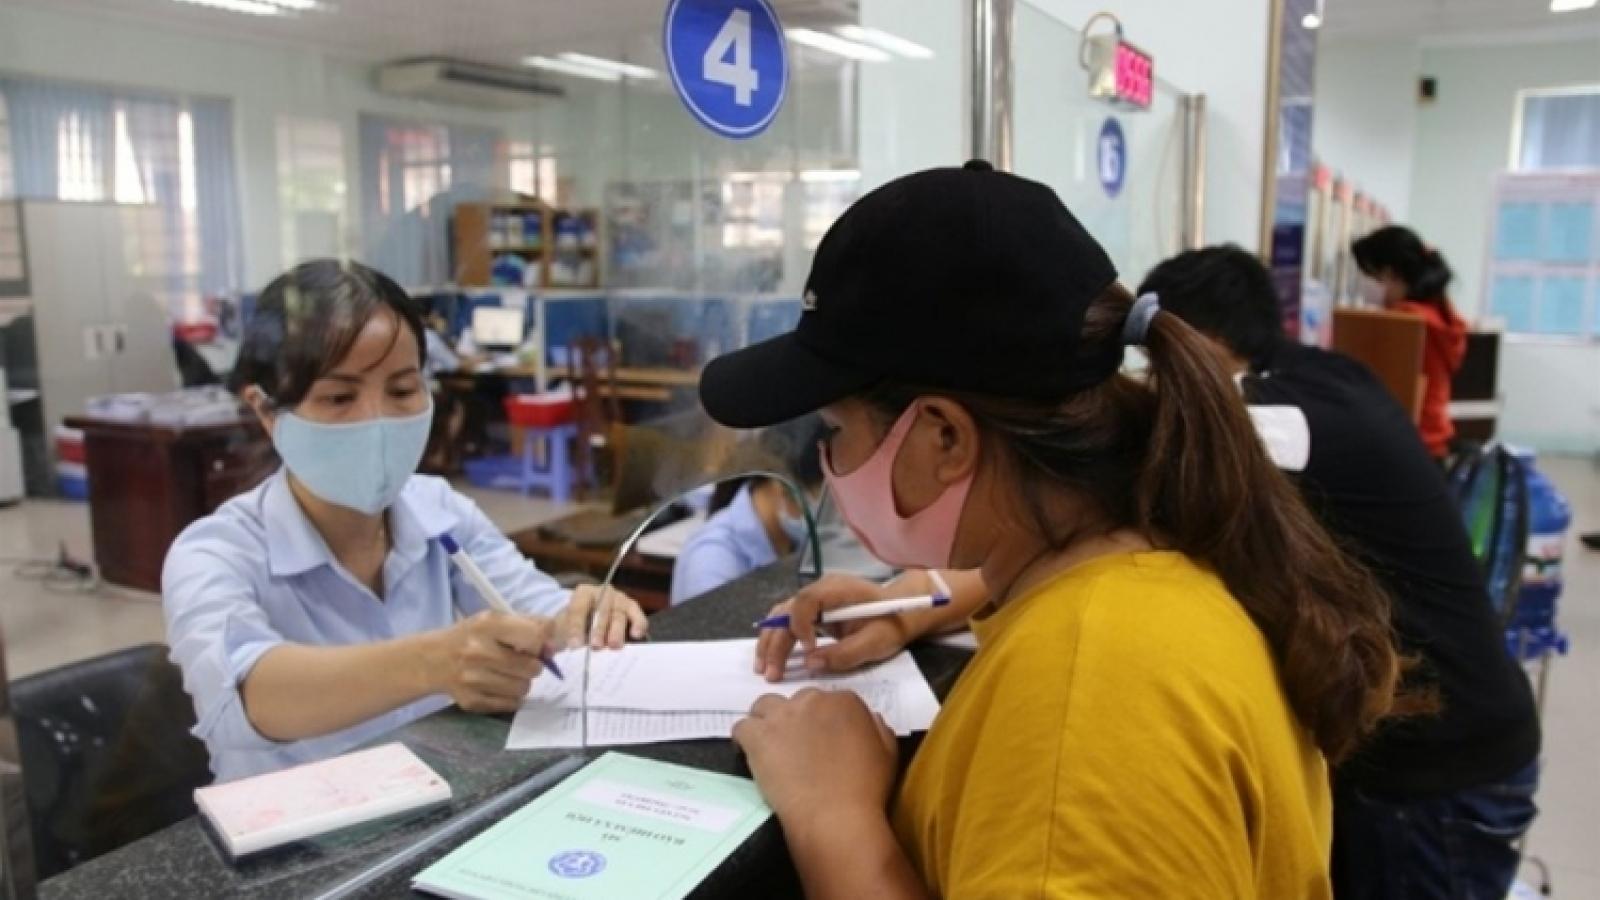 Hơn 20.000 người lao động tại Hà Nội được nhận hỗ trợ từ Quỹ Bảo hiểm thất nghiệp